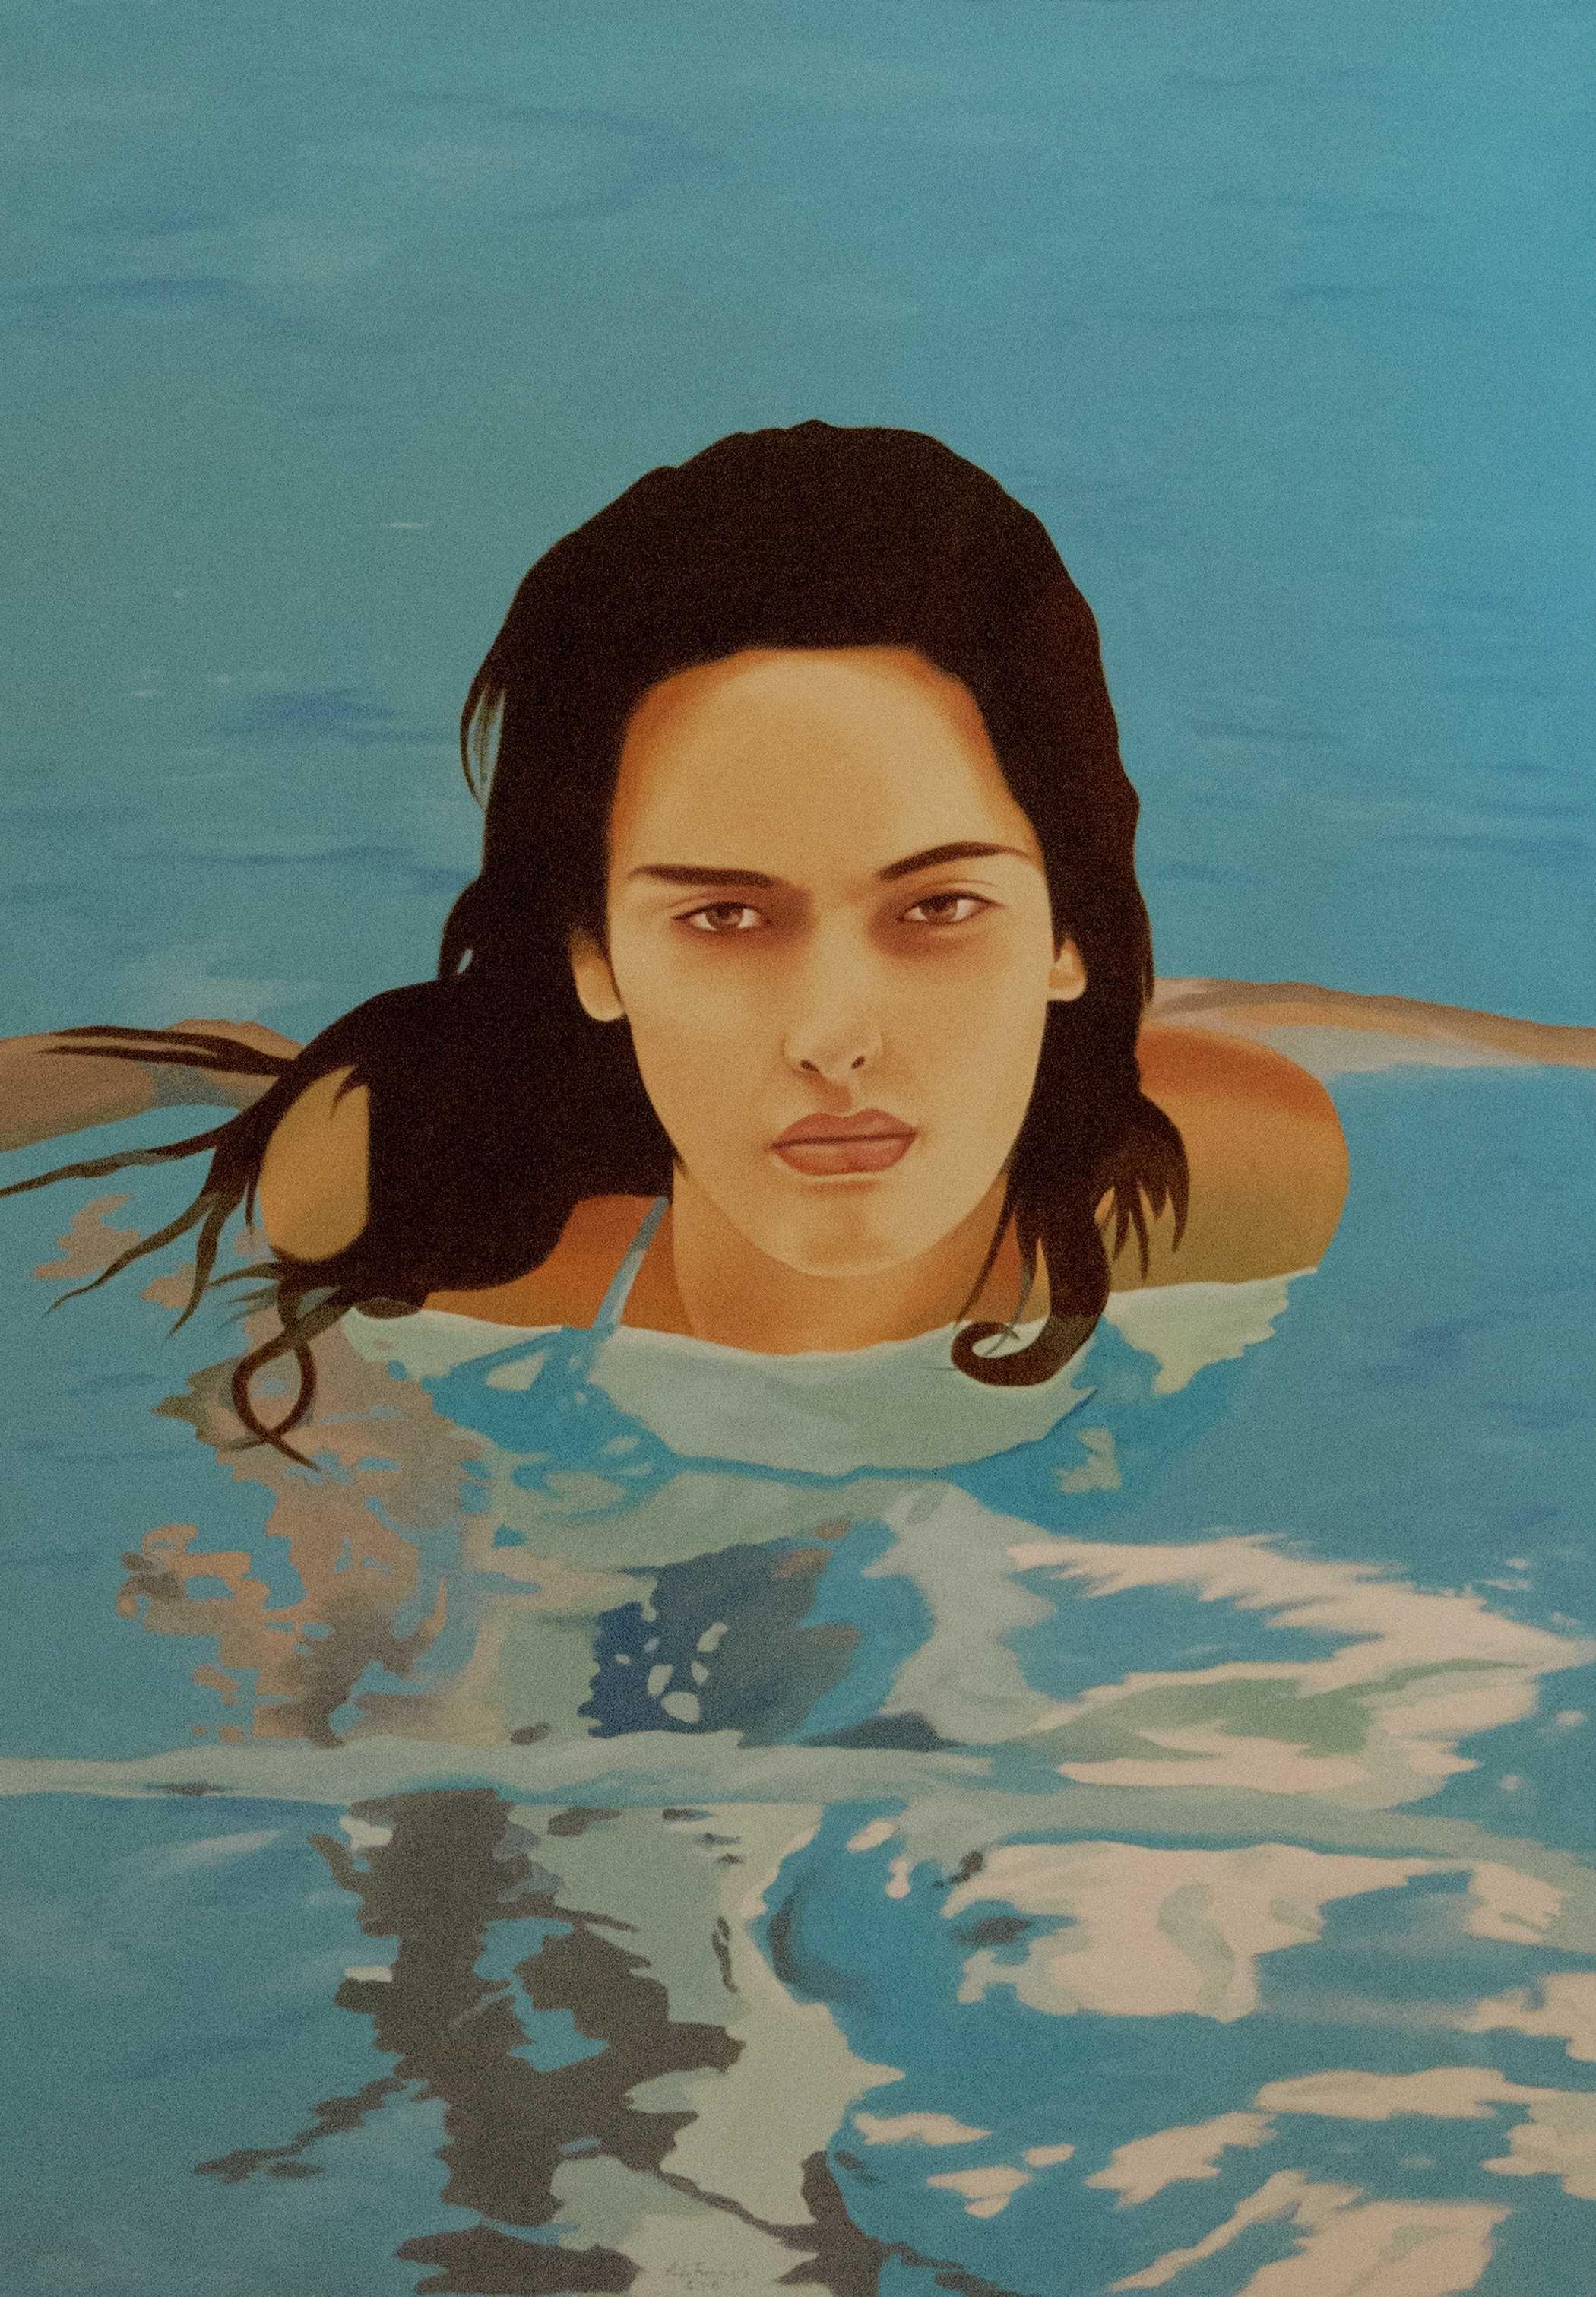 Rita in water